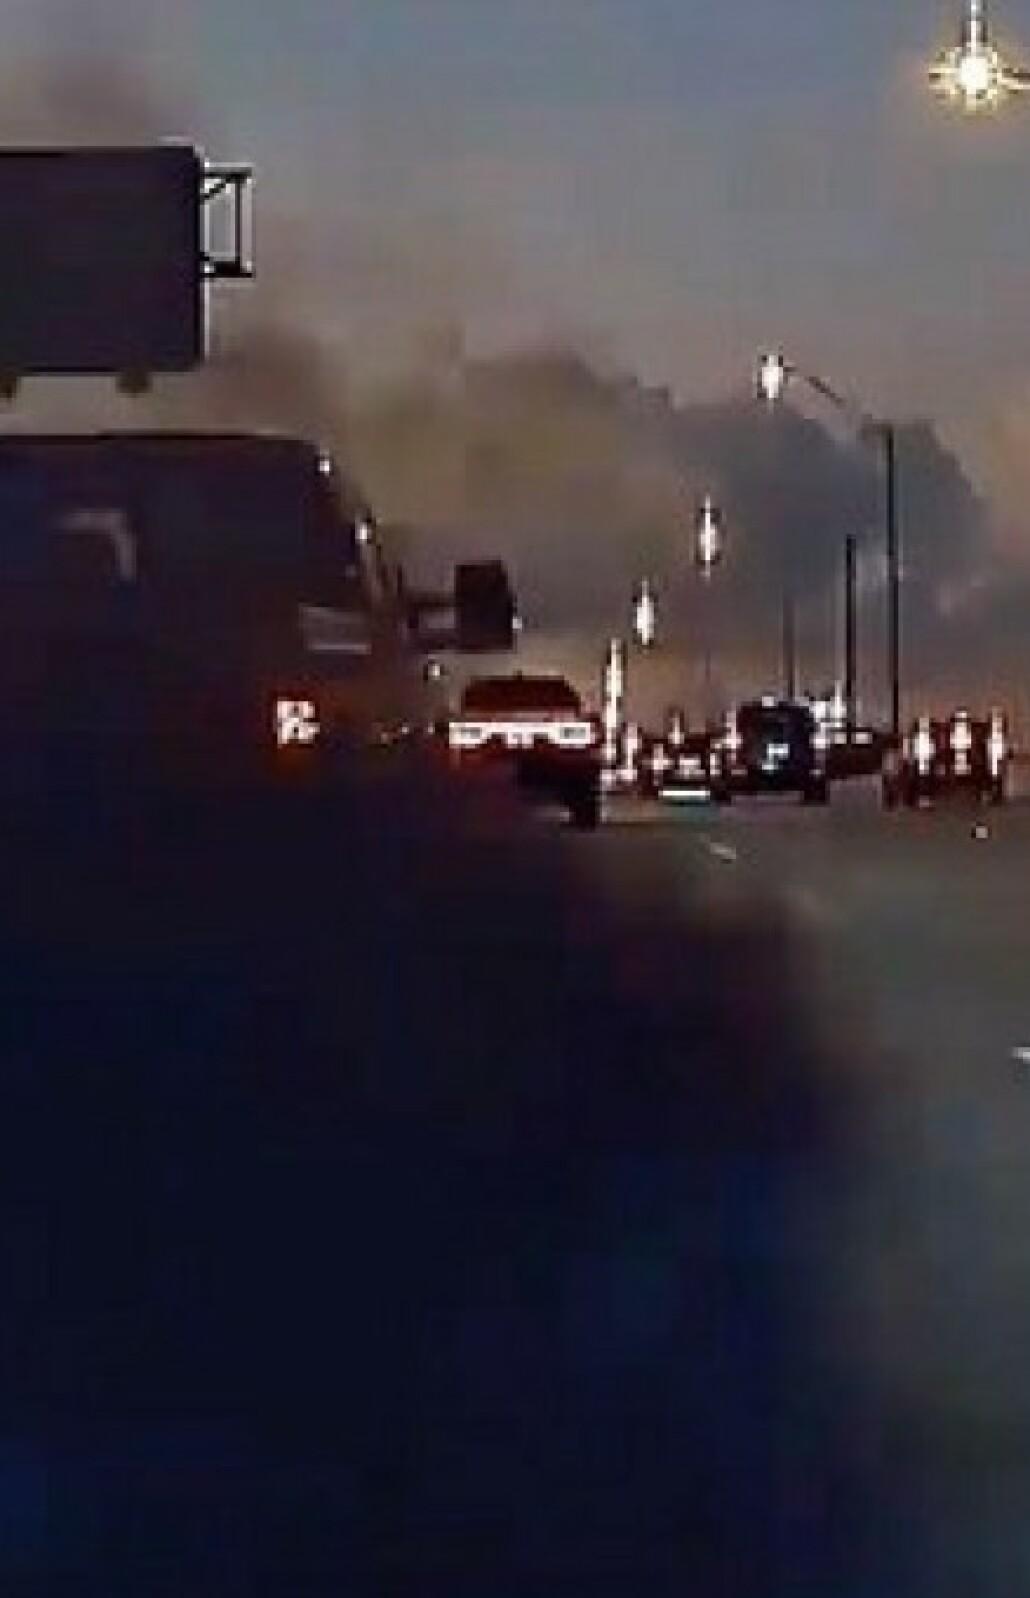 Satte eget og andres liv i fare for å spy ned Tesla i svart diesel-røyk